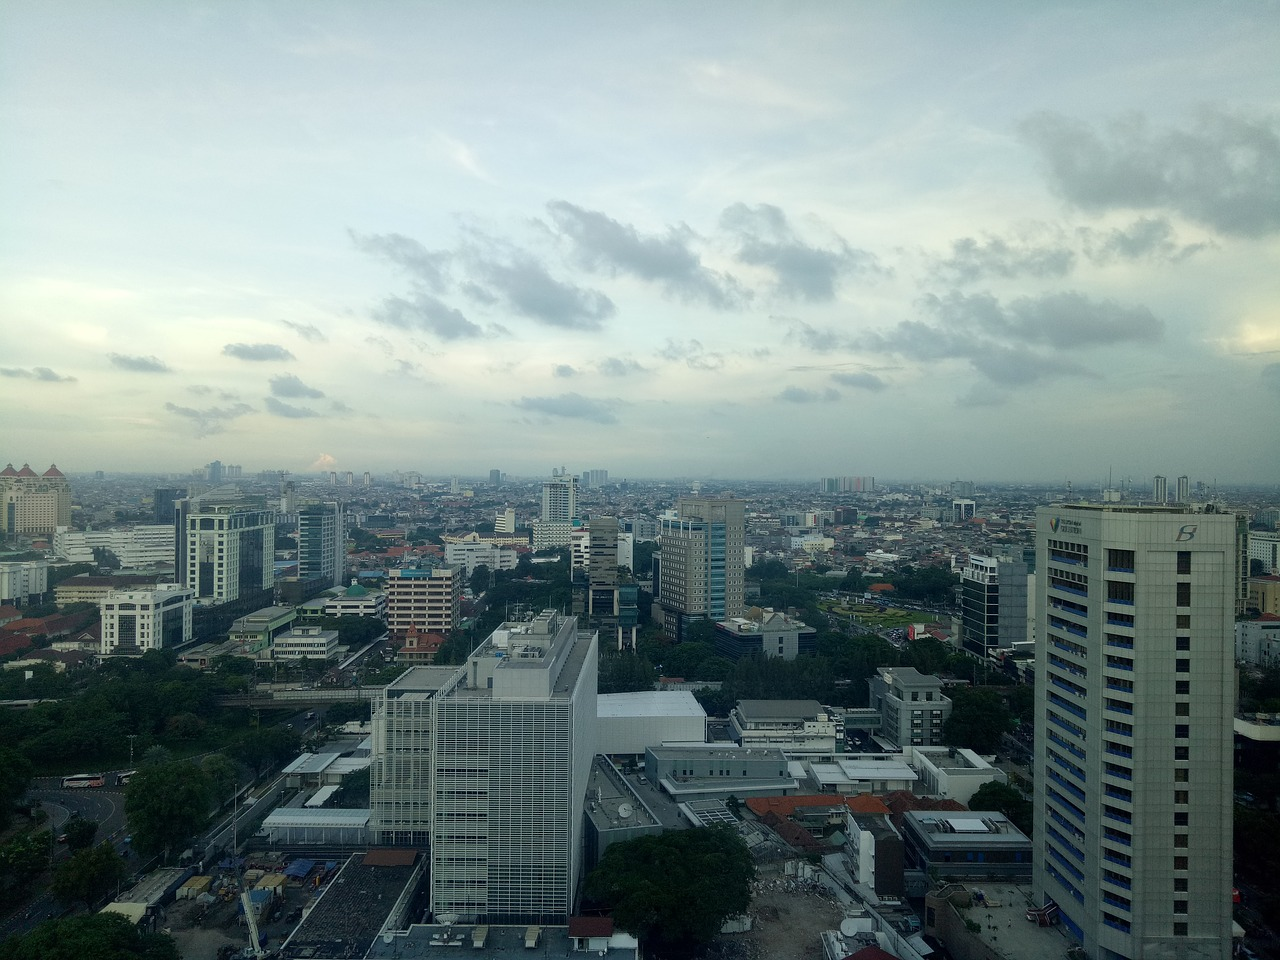 Séjour en Indonésie : que ramener de son passage à Jakarta ? 7